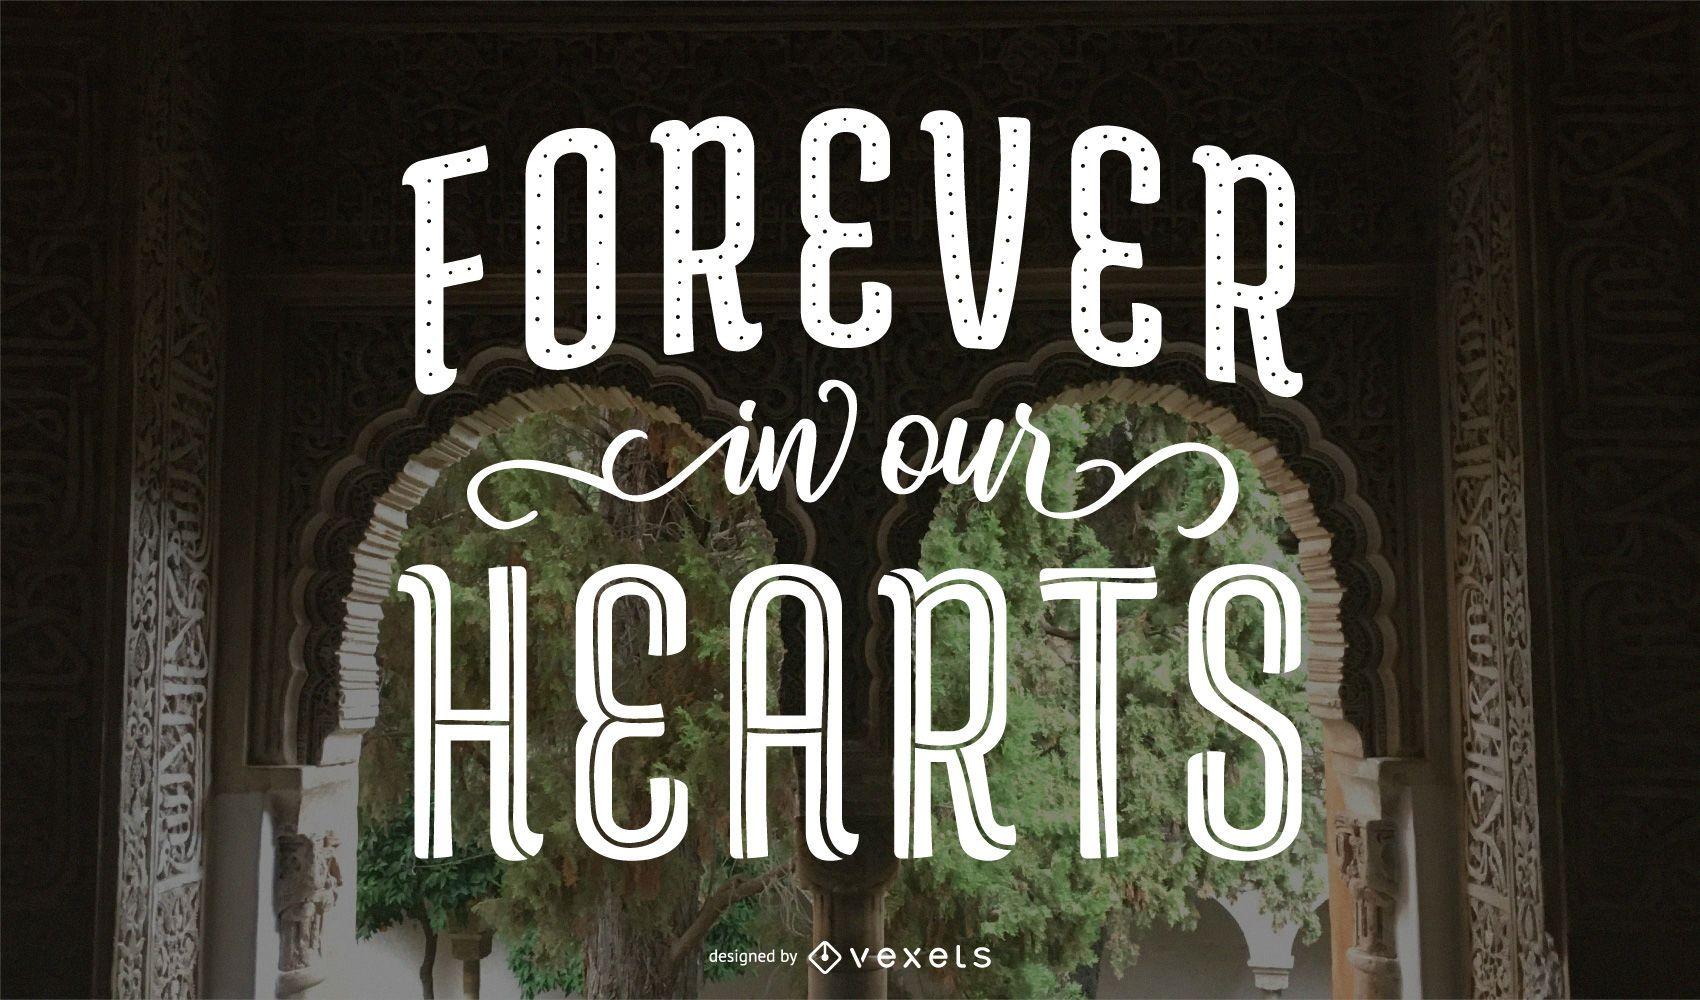 Siempre en nuestros corazones letras conmemorativas